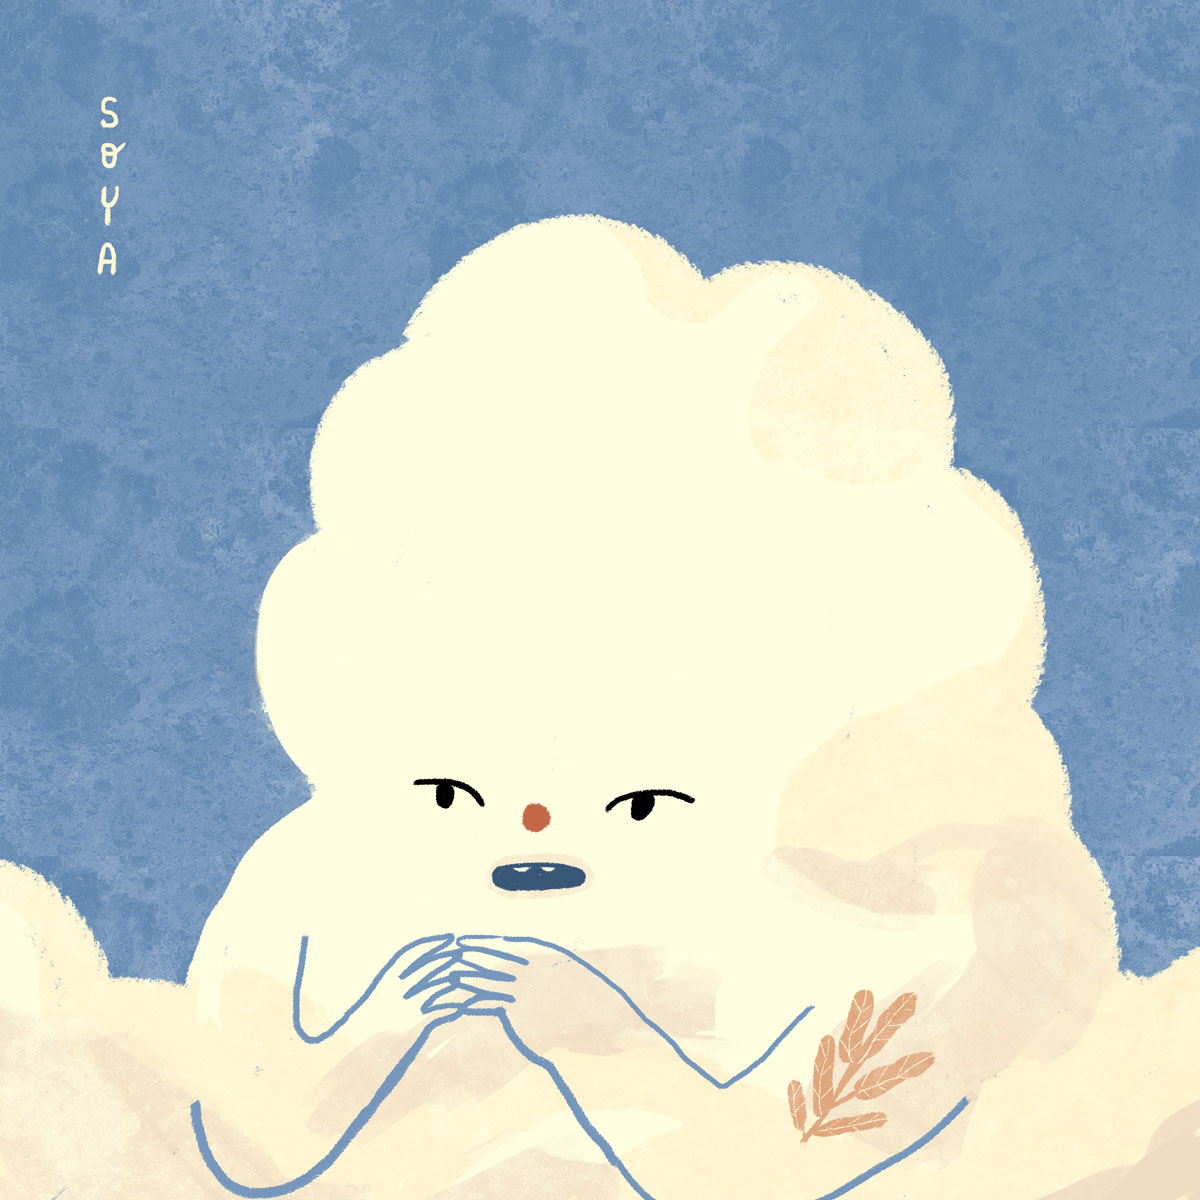 cloud illustration by Sonya Rakhimzhanova